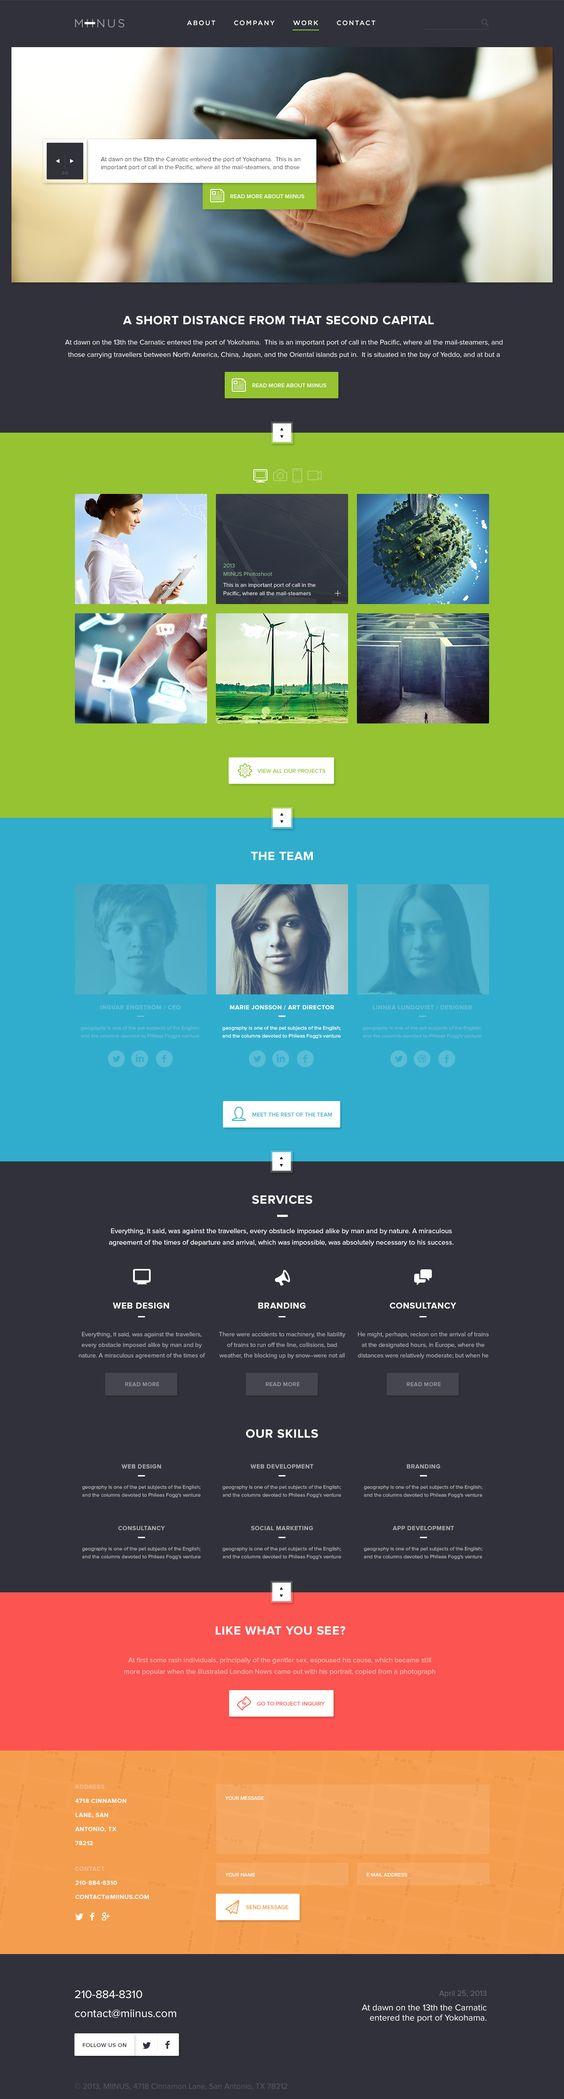 clean one-page web design | #web #design #webdesign #websites